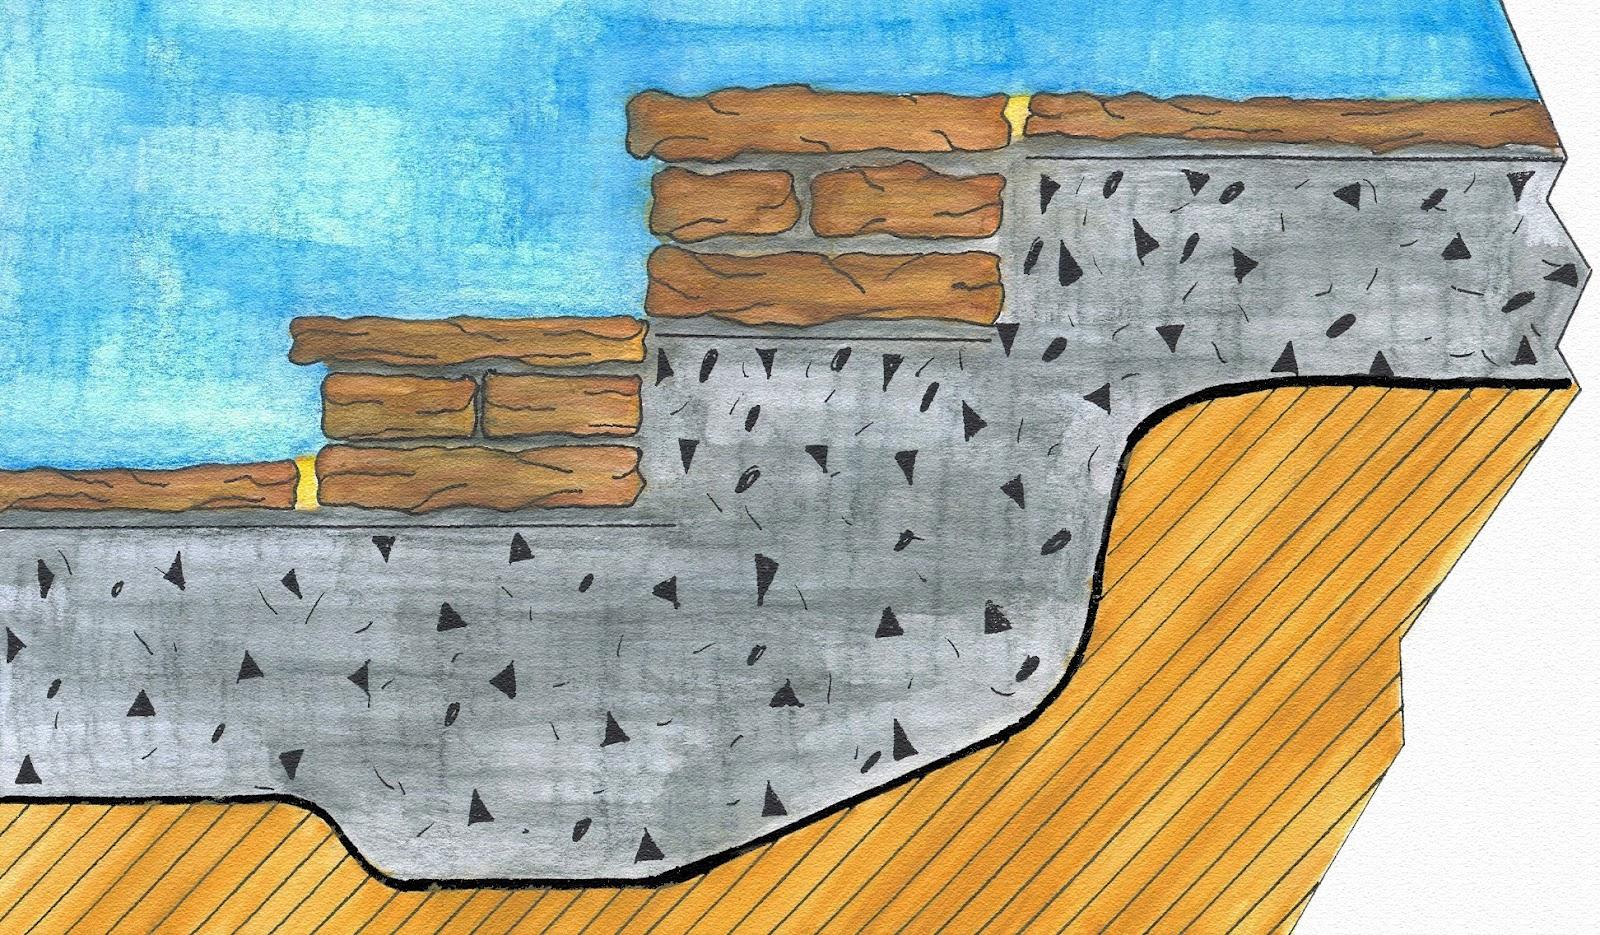 Cr ation paysage construction d 39 un escalier en pierre for Escalier en pierre naturelle